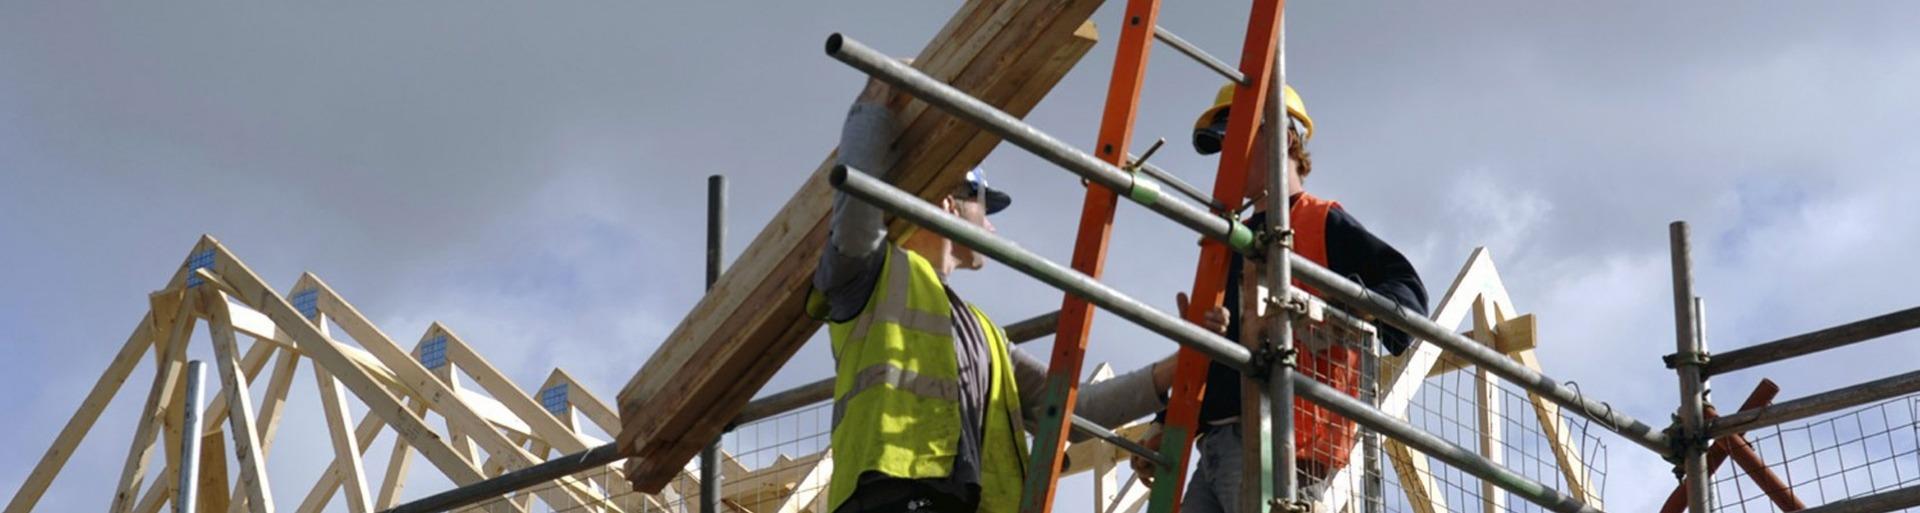 Bouwvakker met hout op ladder